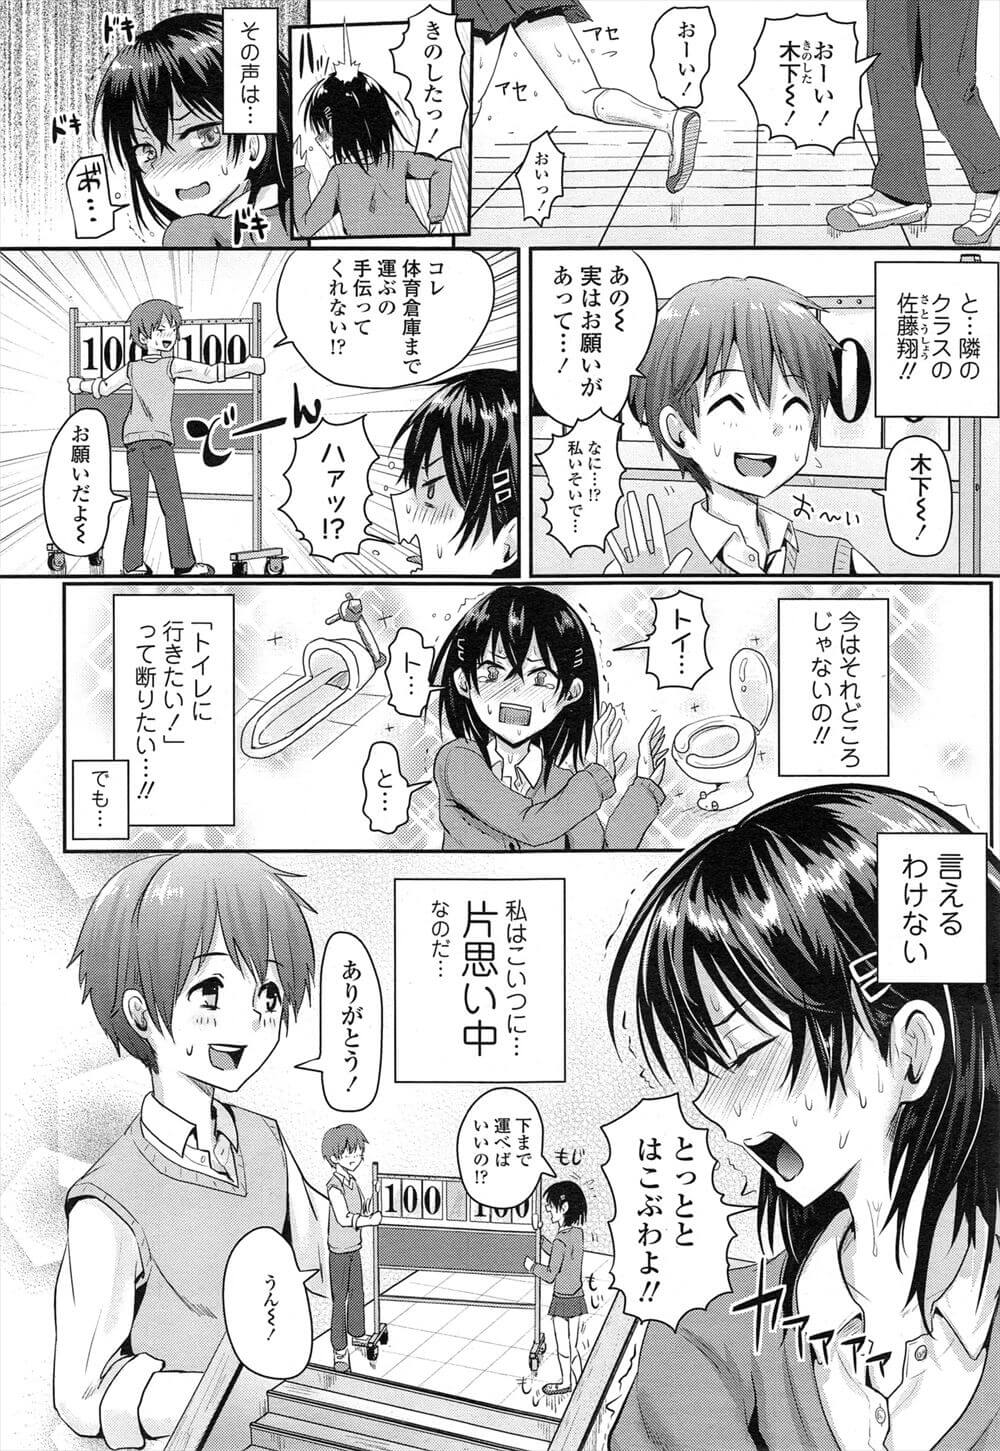 【エロ漫画】おしっこを我慢してトイレに急いでいた貧乳ちっぱいなJKは、途中で好きな男子に呼び止められてしまい…【無料 エロ同人】 (2)